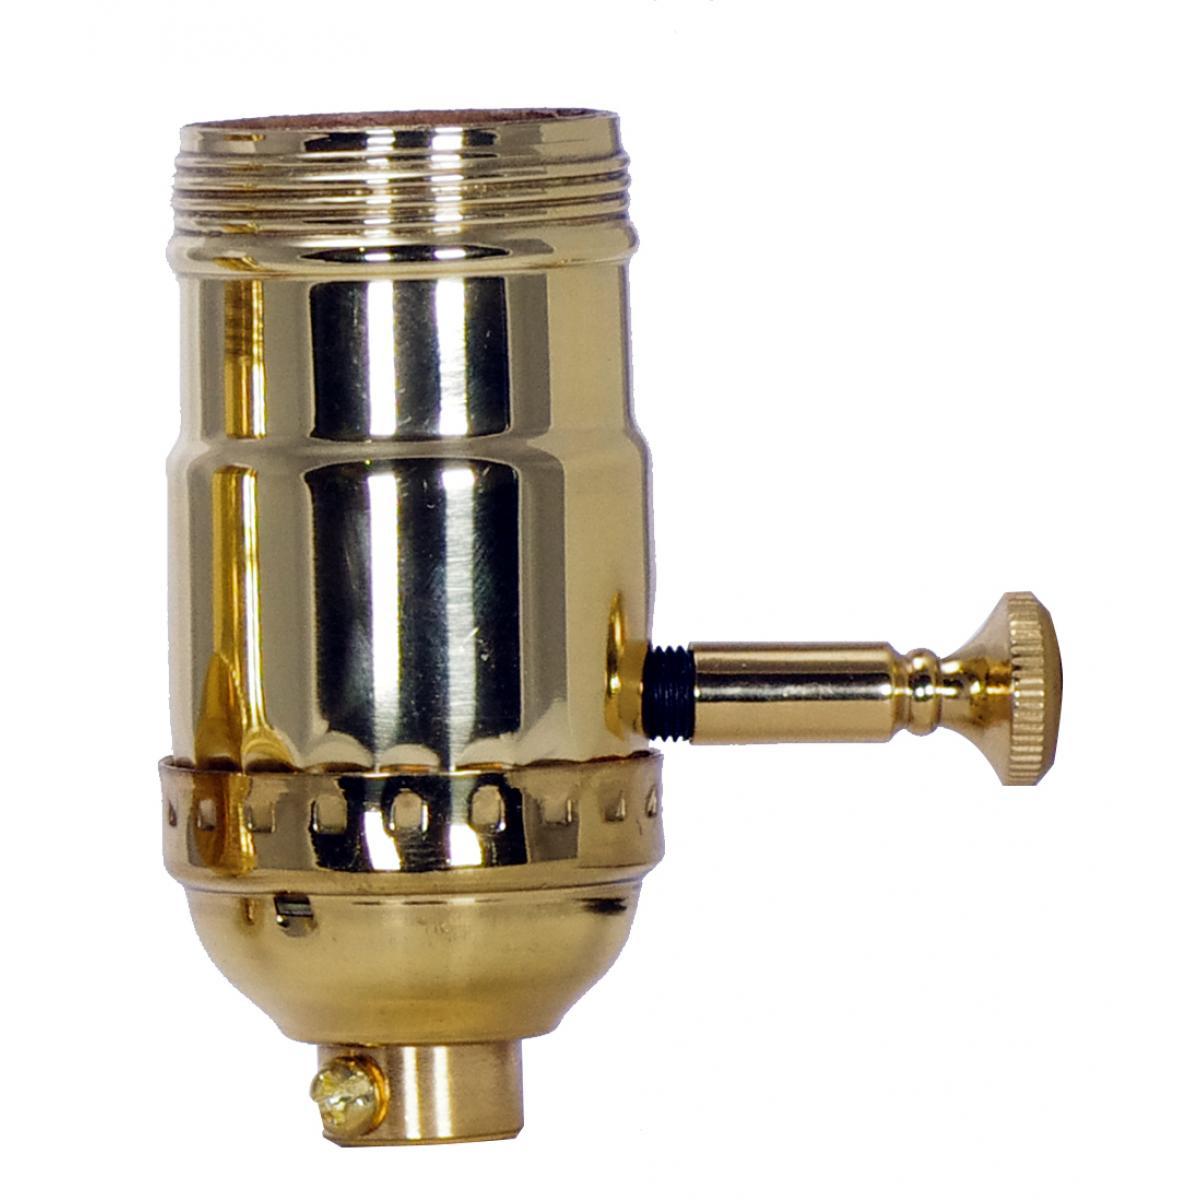 80-1044 PL S.B. 150W DIMMER SKT 1/8